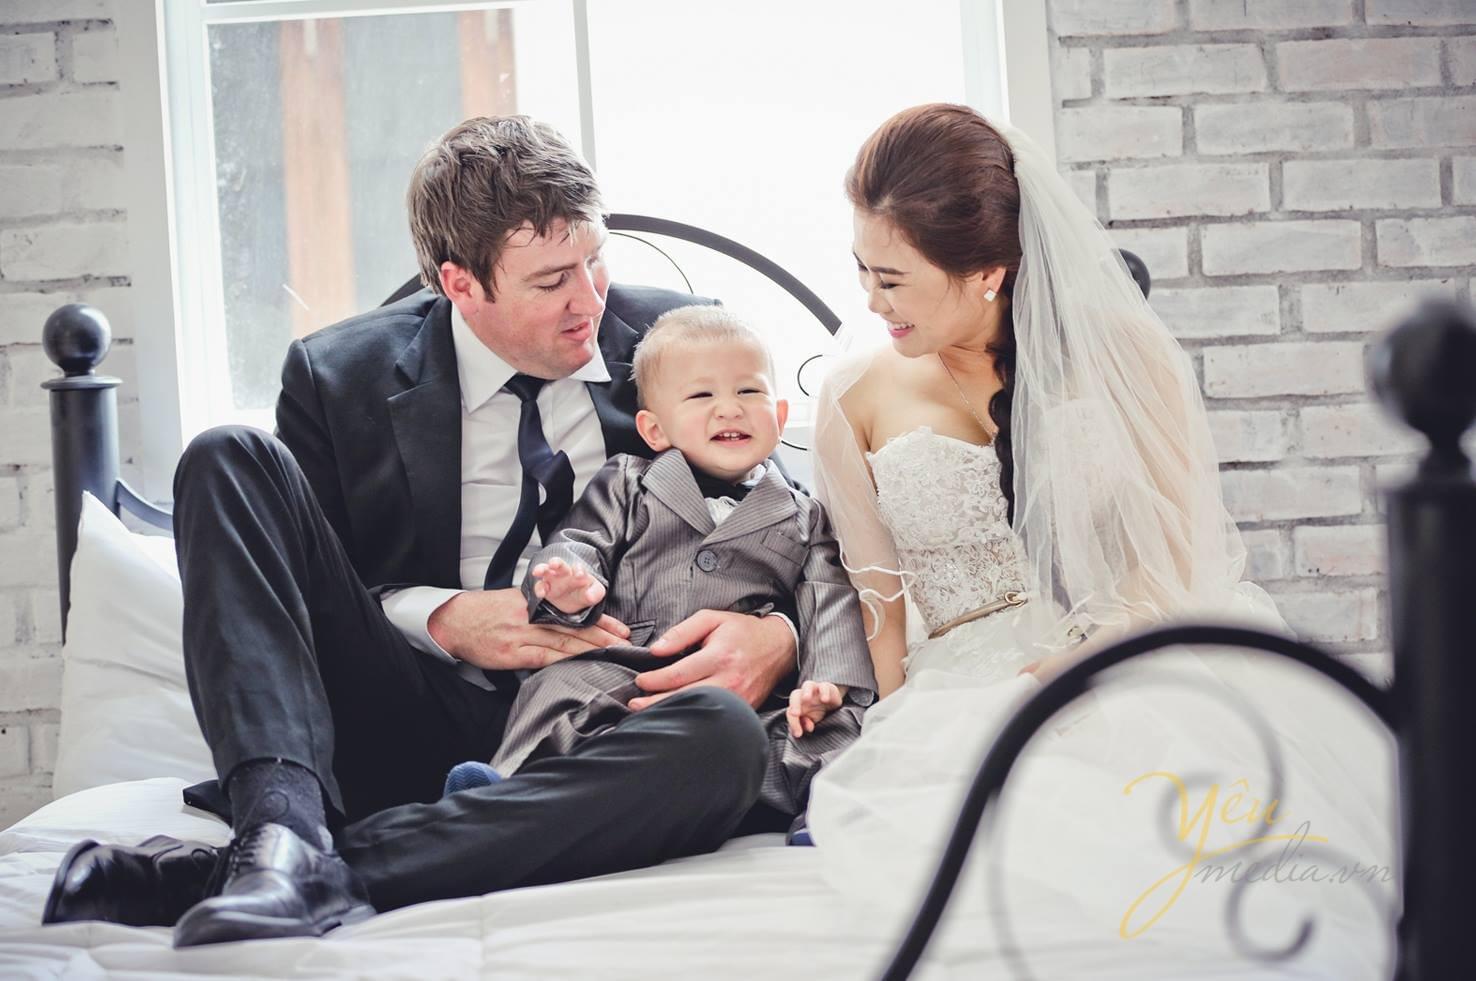 chụp ảnh gia đình, ảnh kỷ niệm cưới trang phục vest